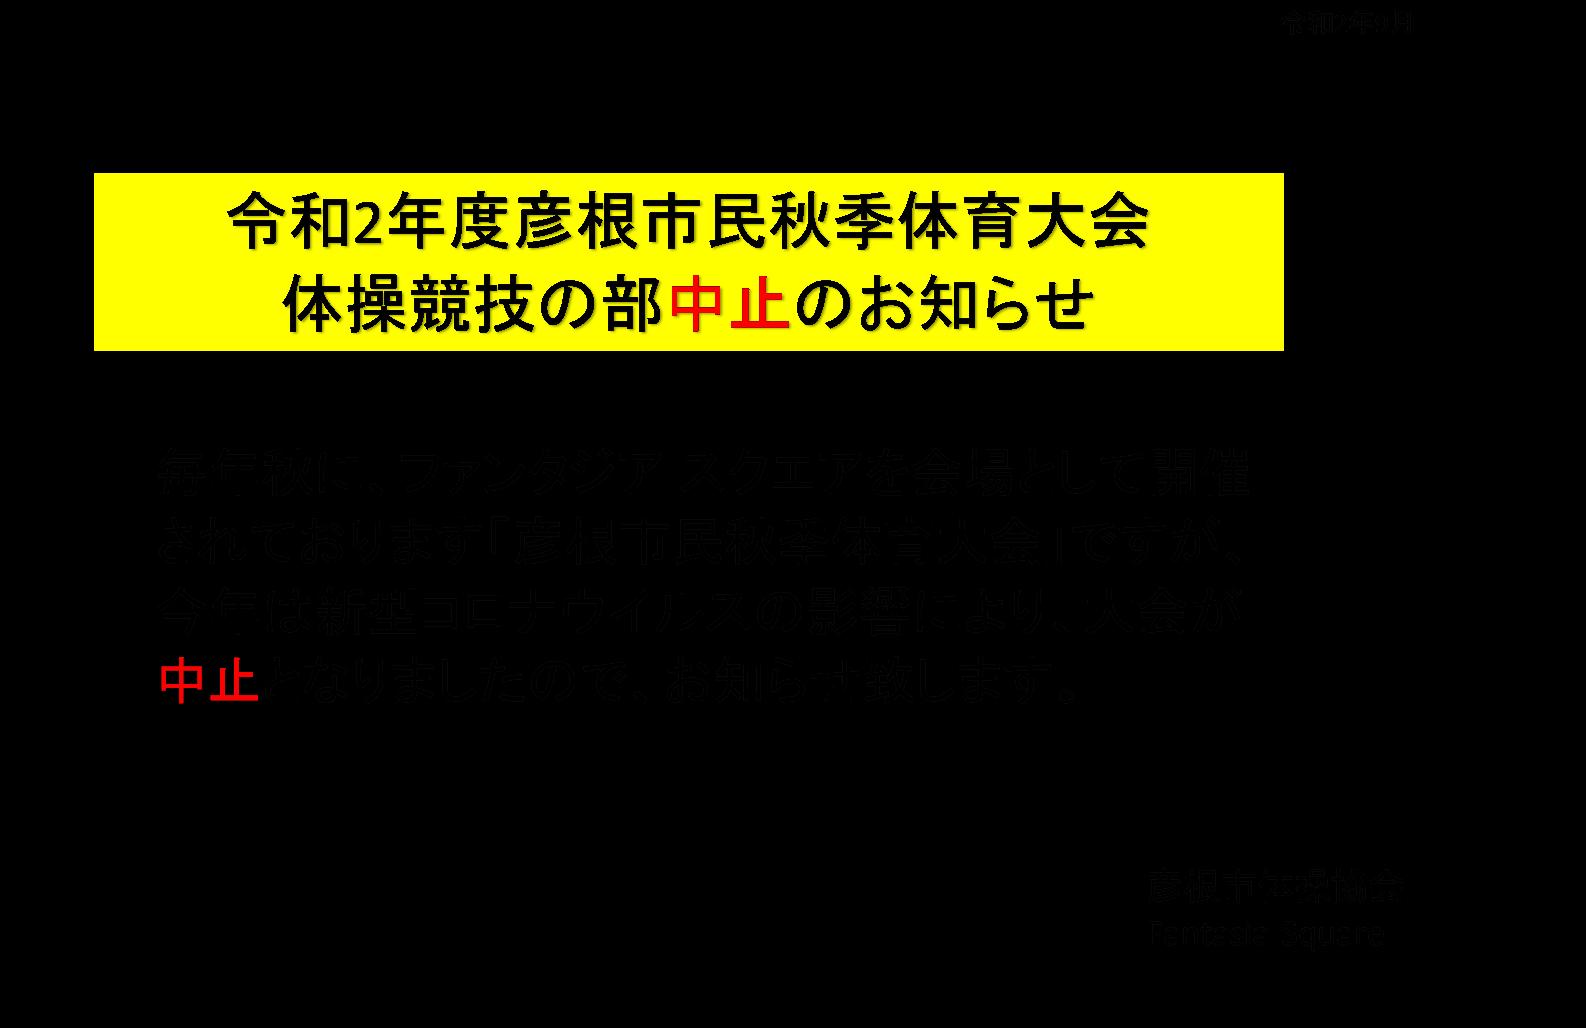 市民大会(体操競技の部)についてのお知らせ_d0180431_12390924.png